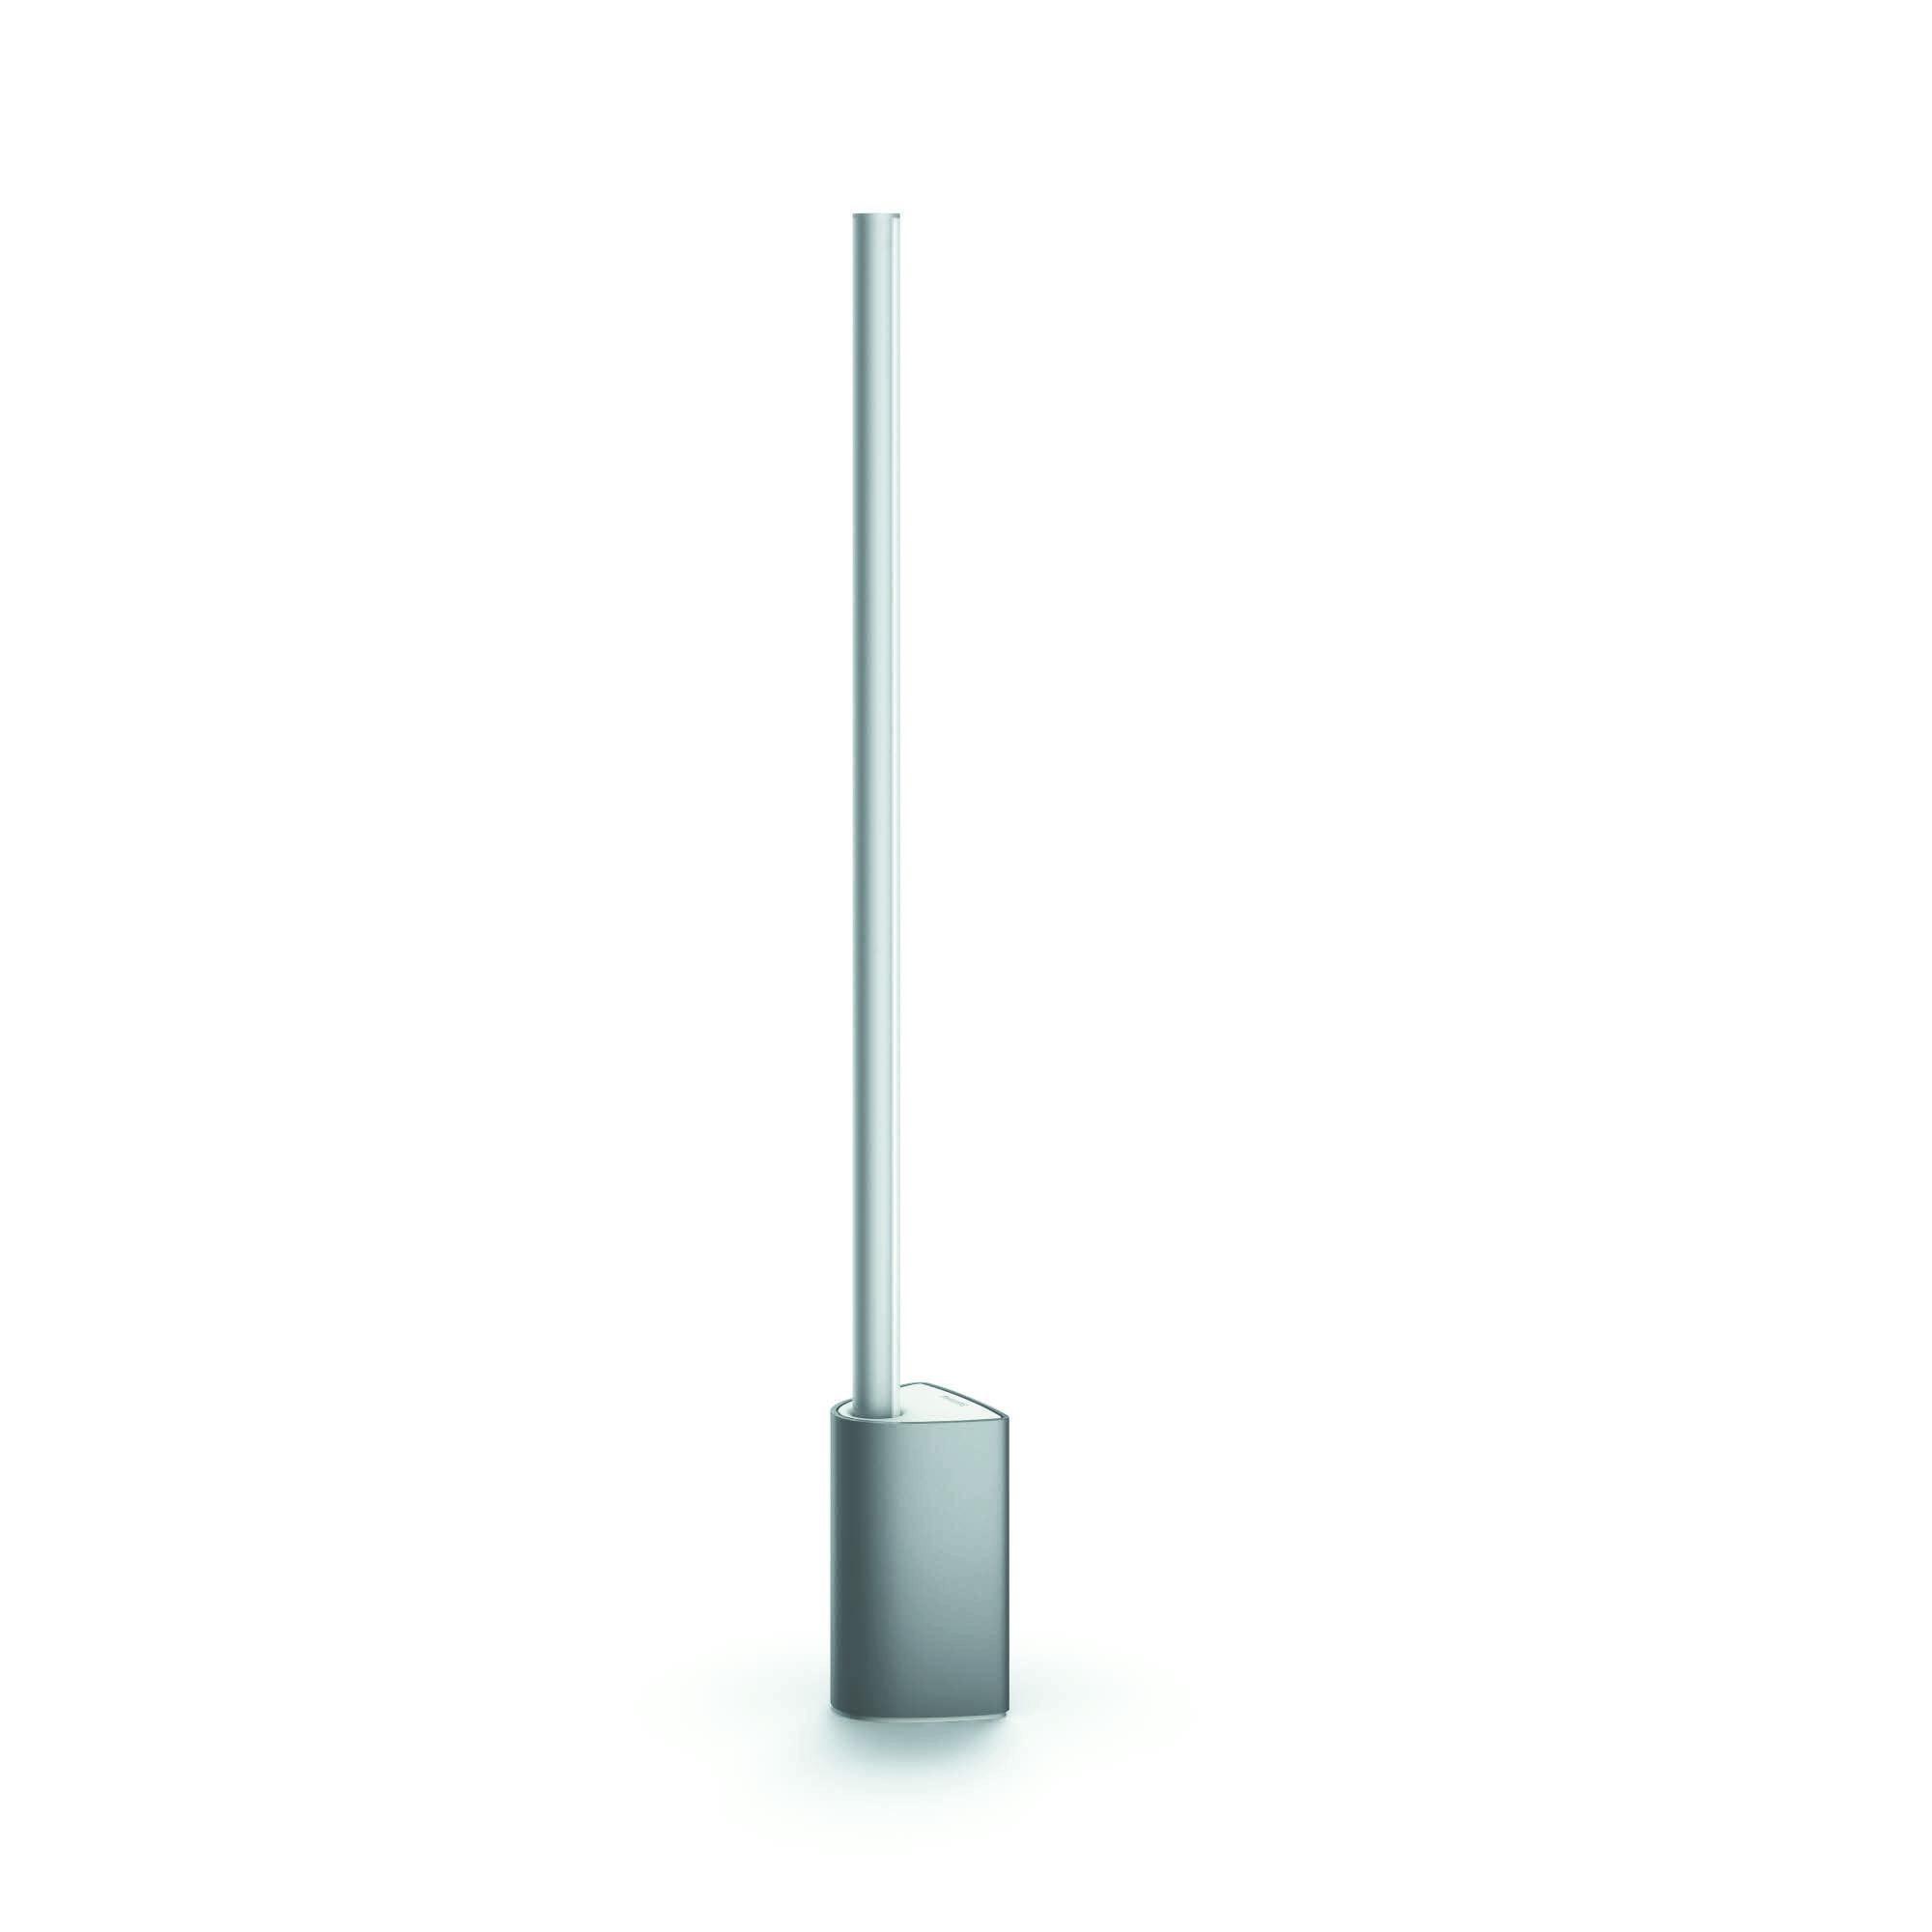 Philips HUE SIGNE Lampe de table LED 1x14W/1000lm Gris